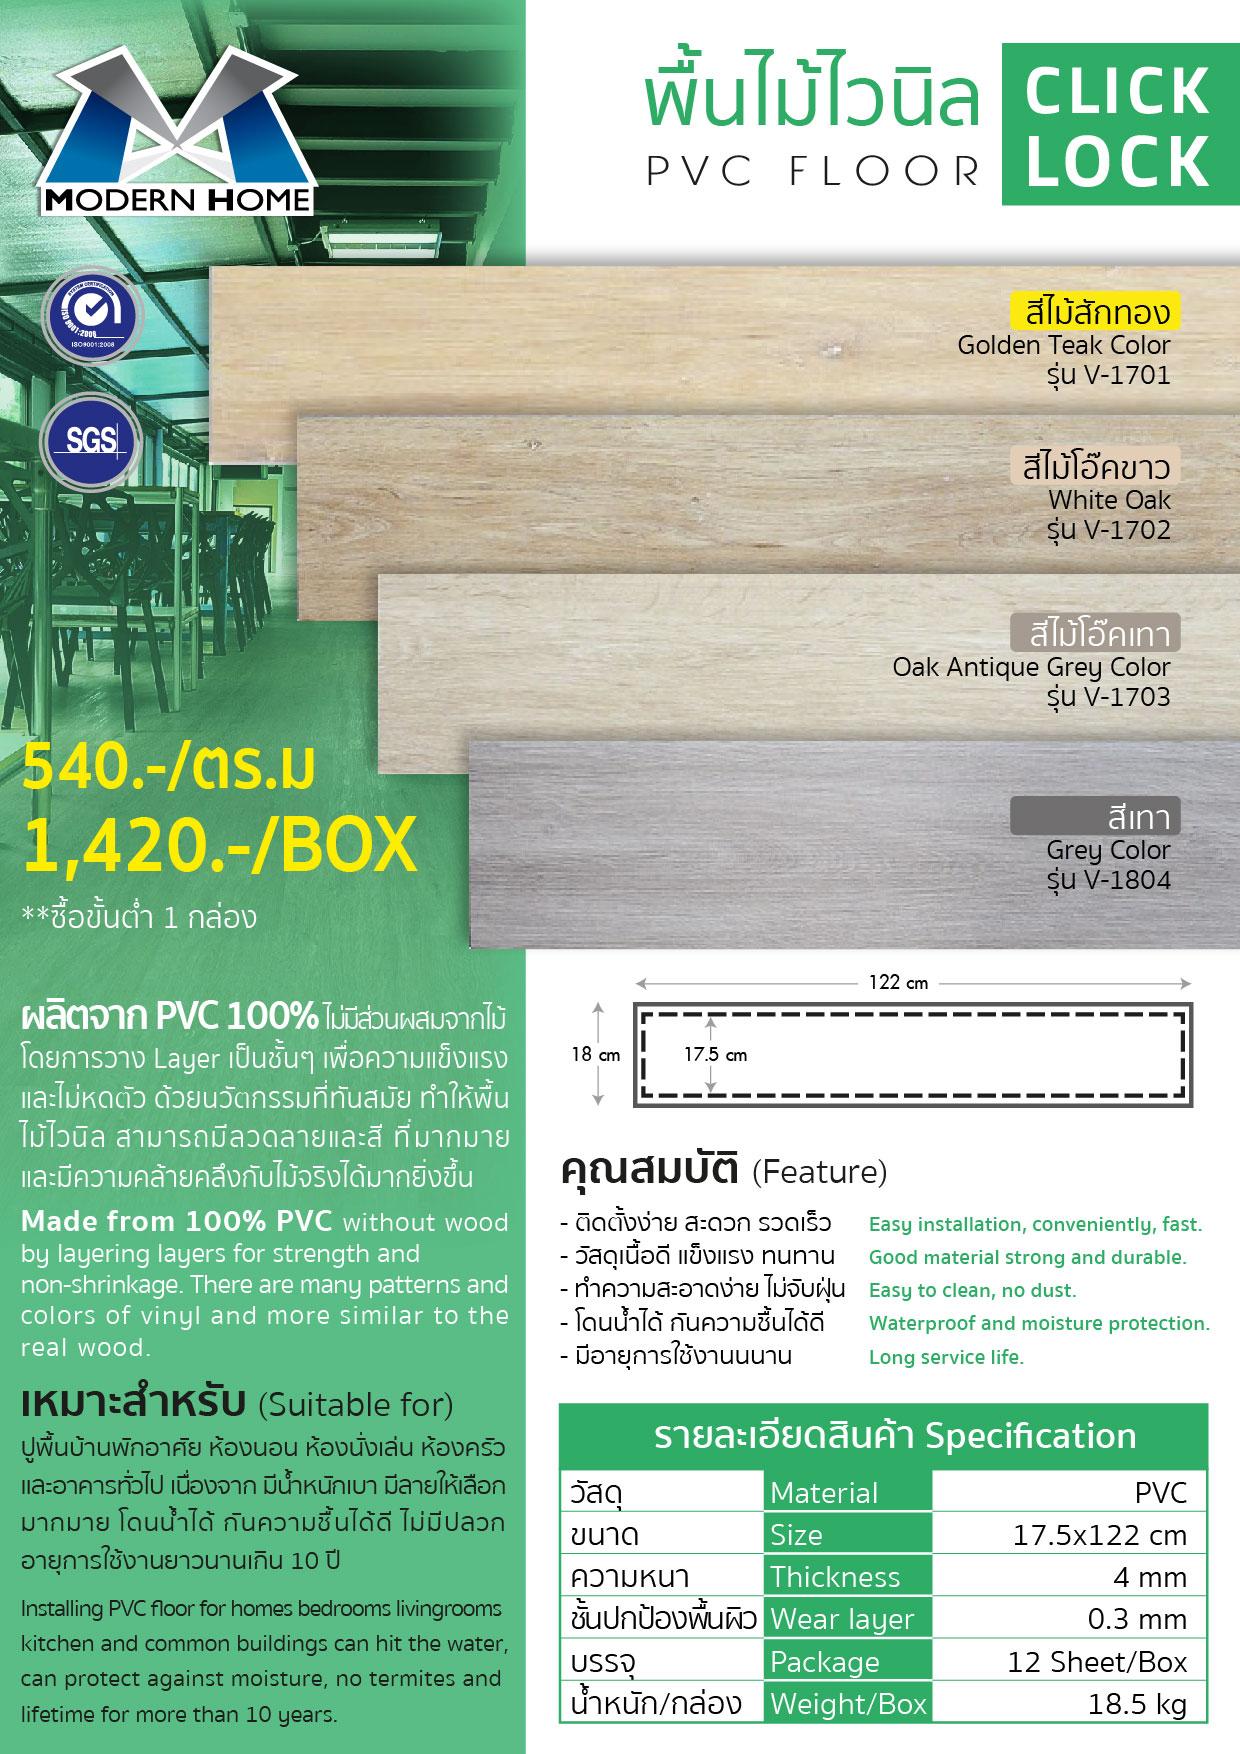 (1/1) PVC Floor